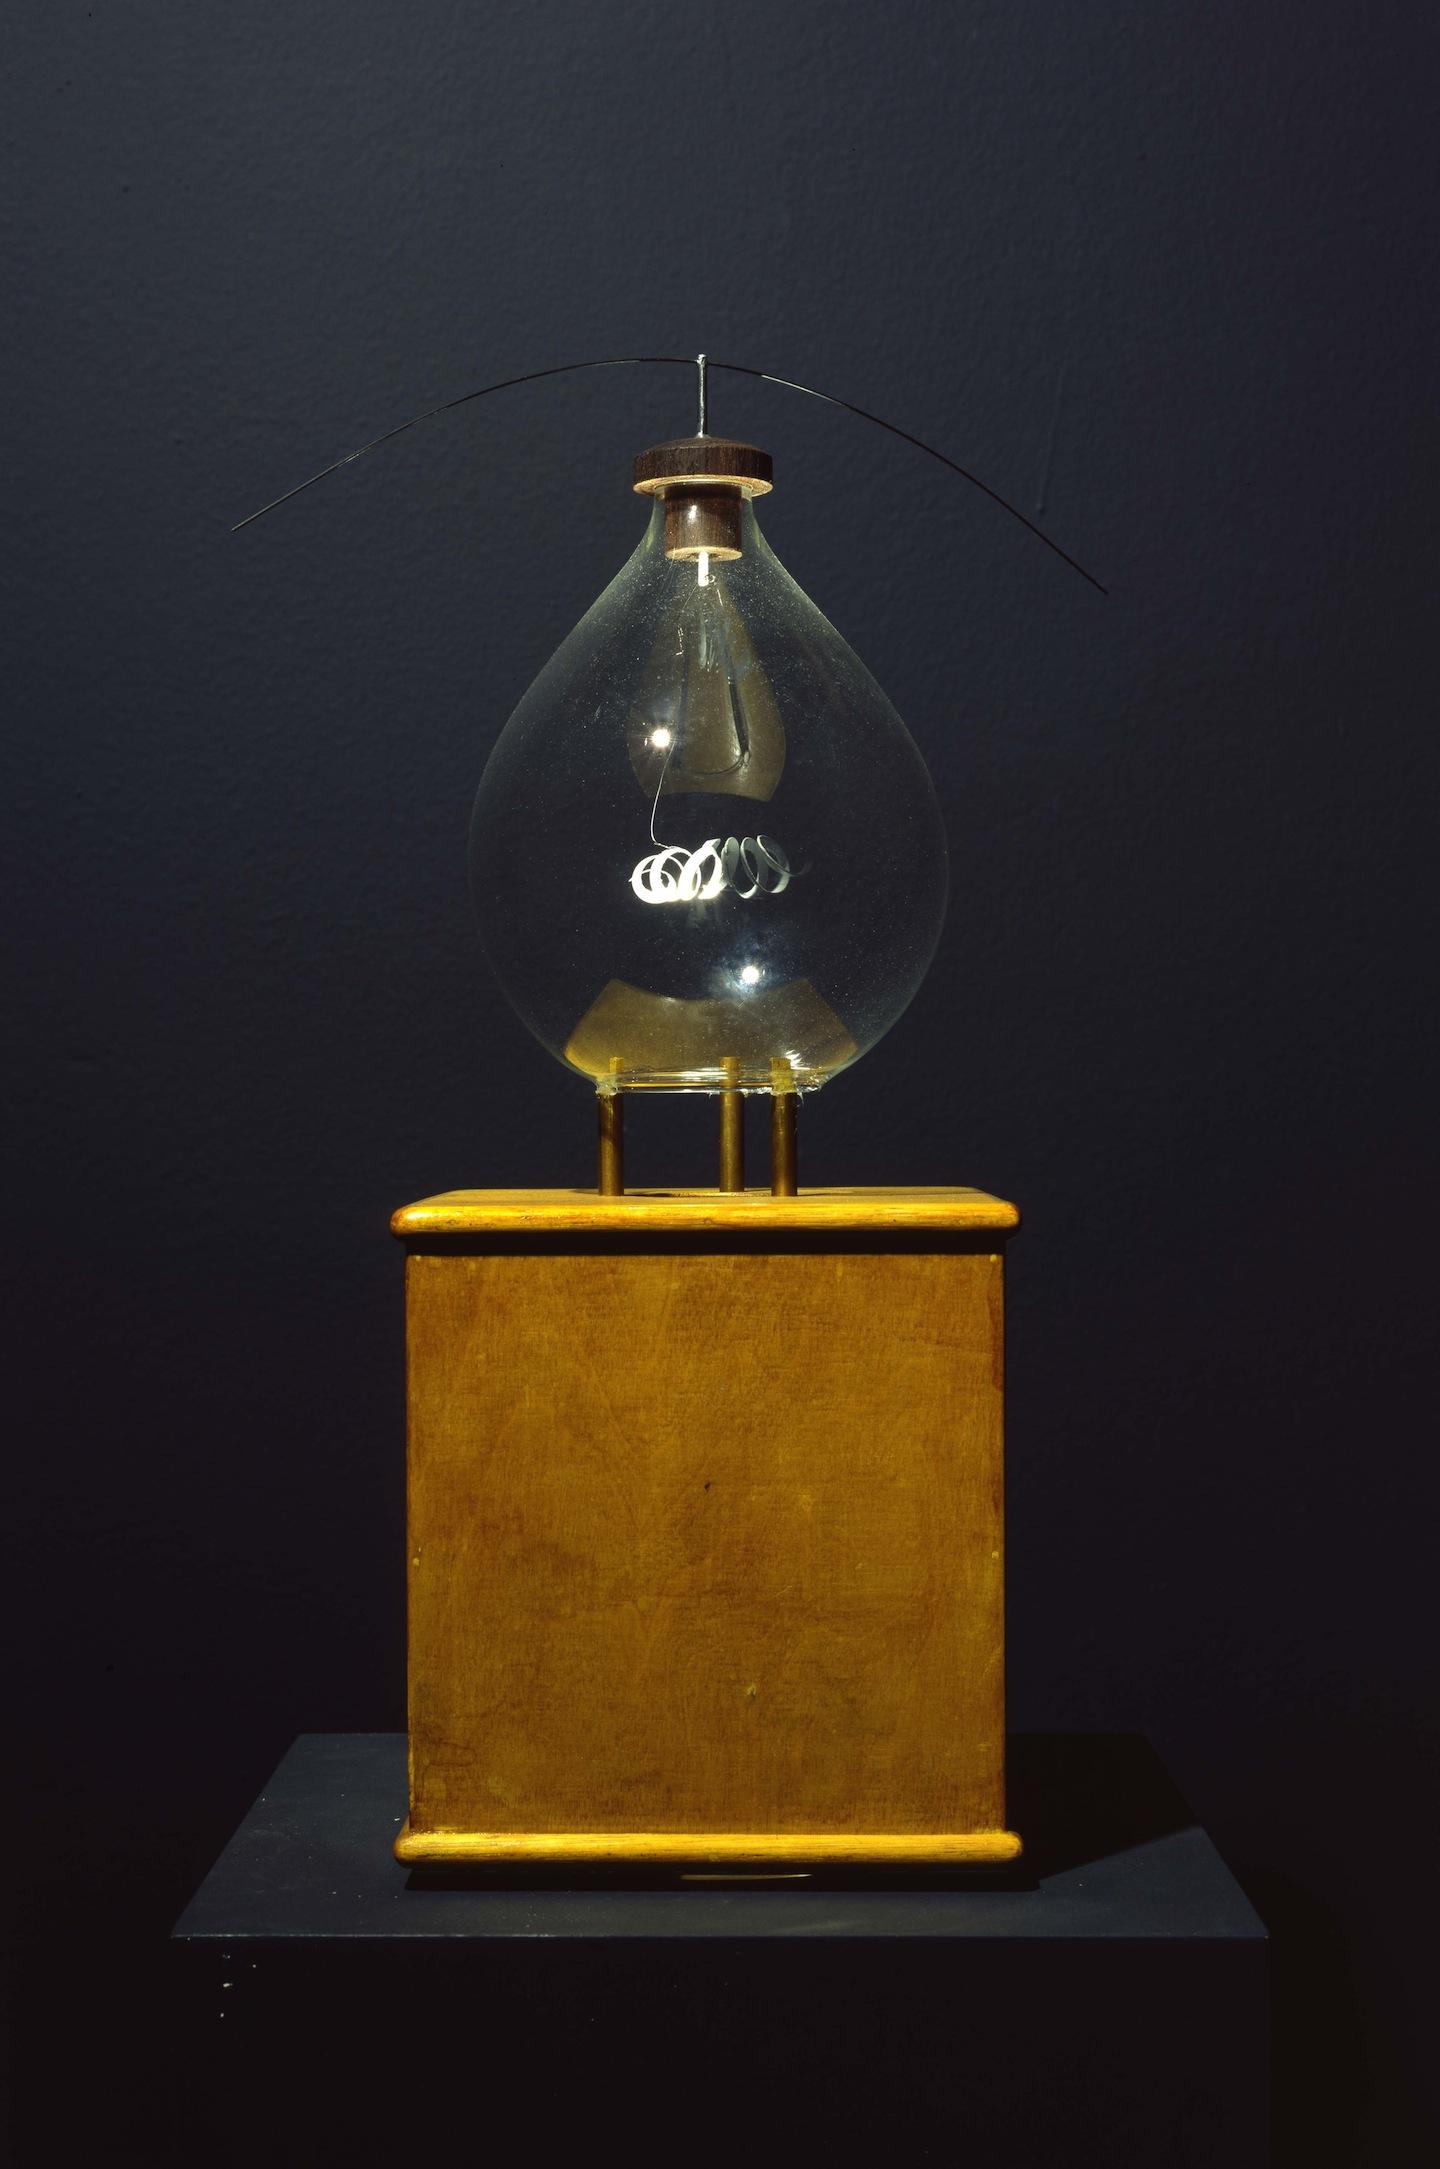 Surprise Edizione 2014. Piero Fogliati, GAM – Galleria Civica d'Arte Moderna e Contemporanea, Torino